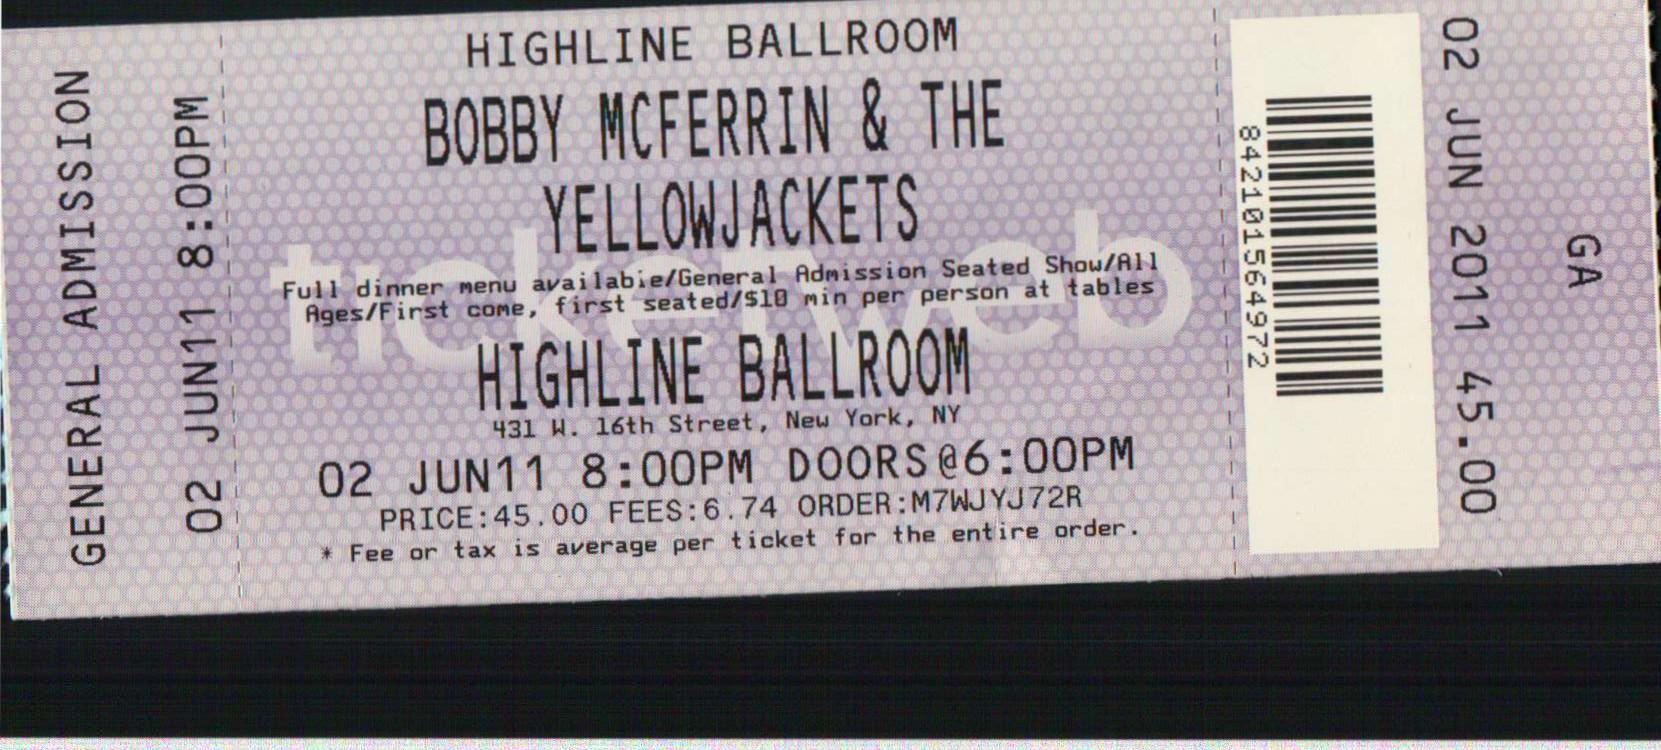 Bobby McFerrin & The Yellowjackets